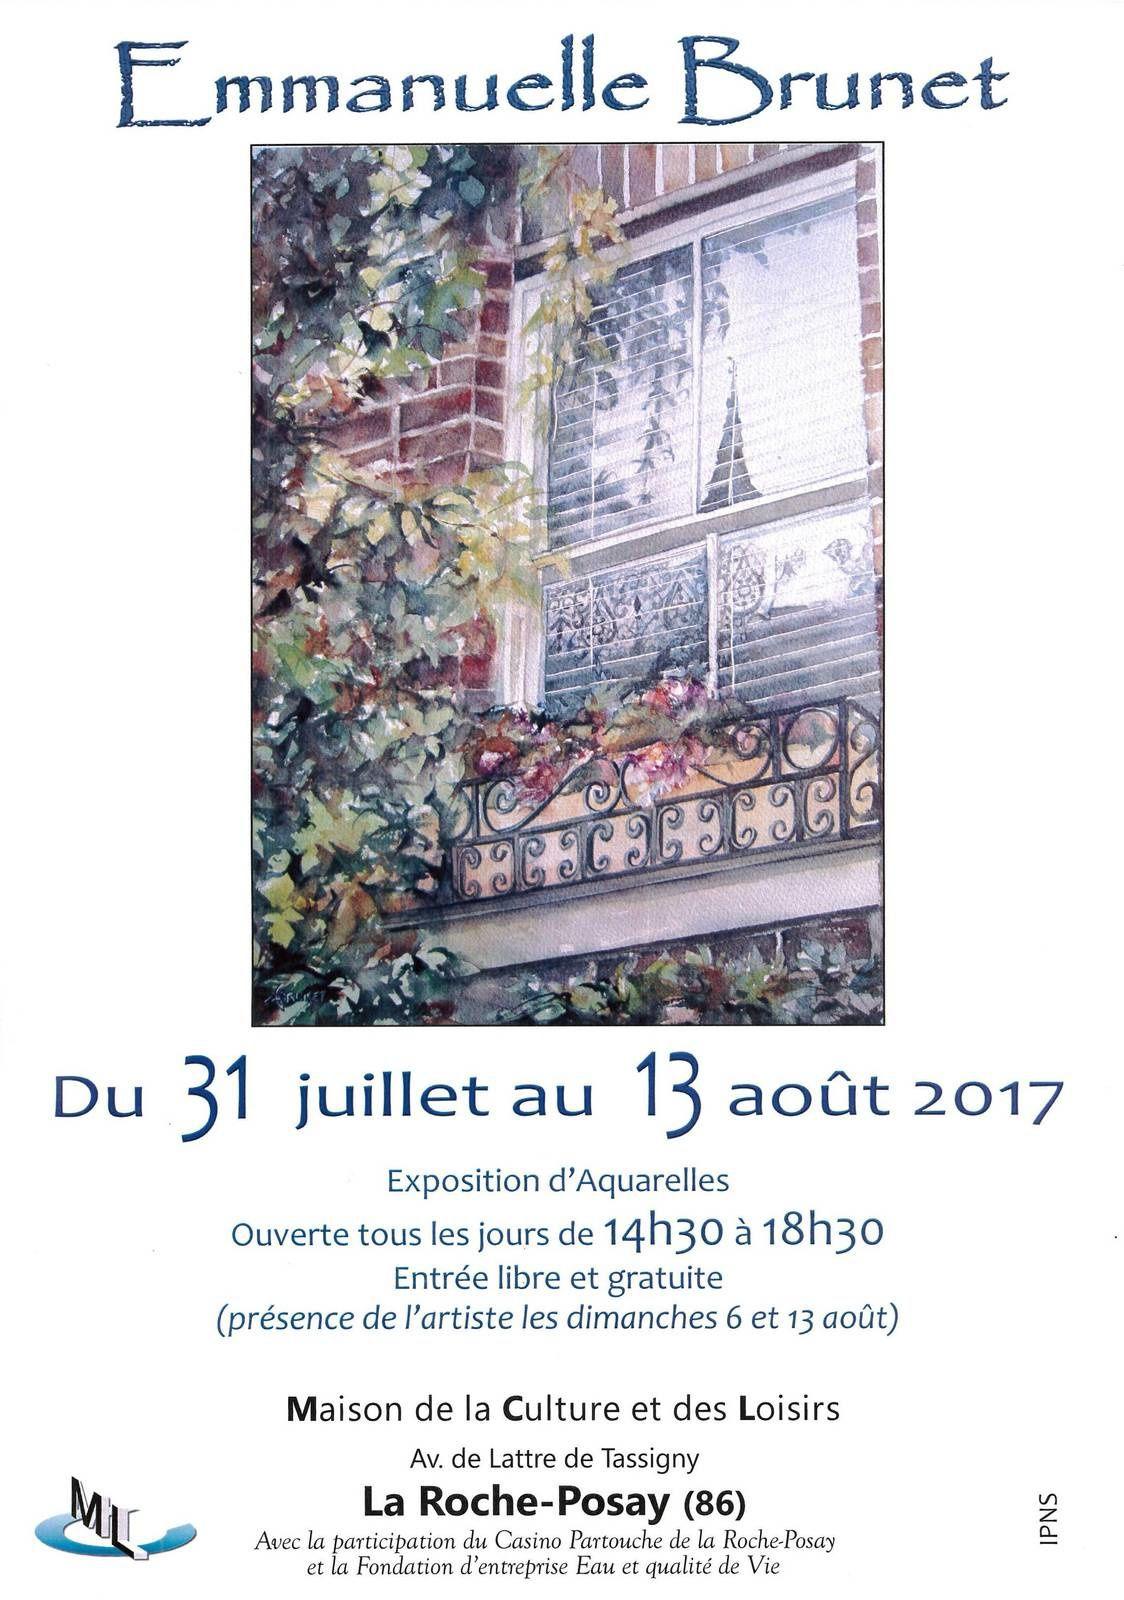 31 JUILLET au 13 AOUT 2017 : AQUARELLES D'EMMANUELLE BRUNET A LA MCL DE LA ROCHE-POSAY